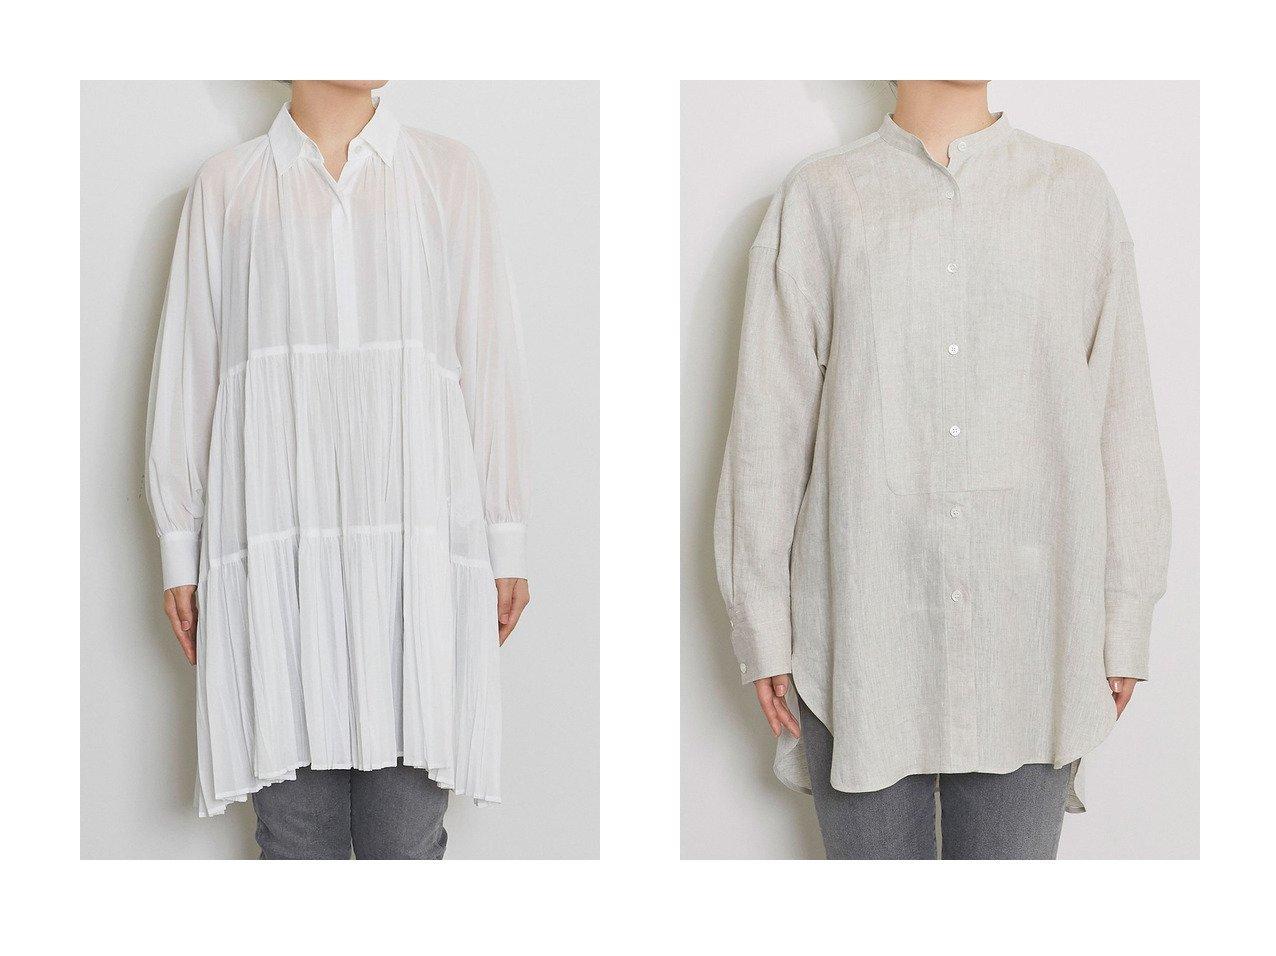 【Whim Gazette/ウィムガゼット】のシフォンティアードシャツワンピース&リネンドレスシャツ 【ワンピース・ドレス】おすすめ!人気、トレンド・レディースファッションの通販 おすすめで人気の流行・トレンド、ファッションの通販商品 メンズファッション・キッズファッション・インテリア・家具・レディースファッション・服の通販 founy(ファニー) https://founy.com/ ファッション Fashion レディースファッション WOMEN ワンピース Dress シャツワンピース Shirt Dresses トップス・カットソー Tops/Tshirt シャツ/ブラウス Shirts/Blouses ドレス Party Dresses 2021年 2021 2021春夏・S/S SS/Spring/Summer/2021 S/S・春夏 SS・Spring/Summer エアリー ギャザー シフォン デニム プリーツ 春 Spring |ID:crp329100000028599